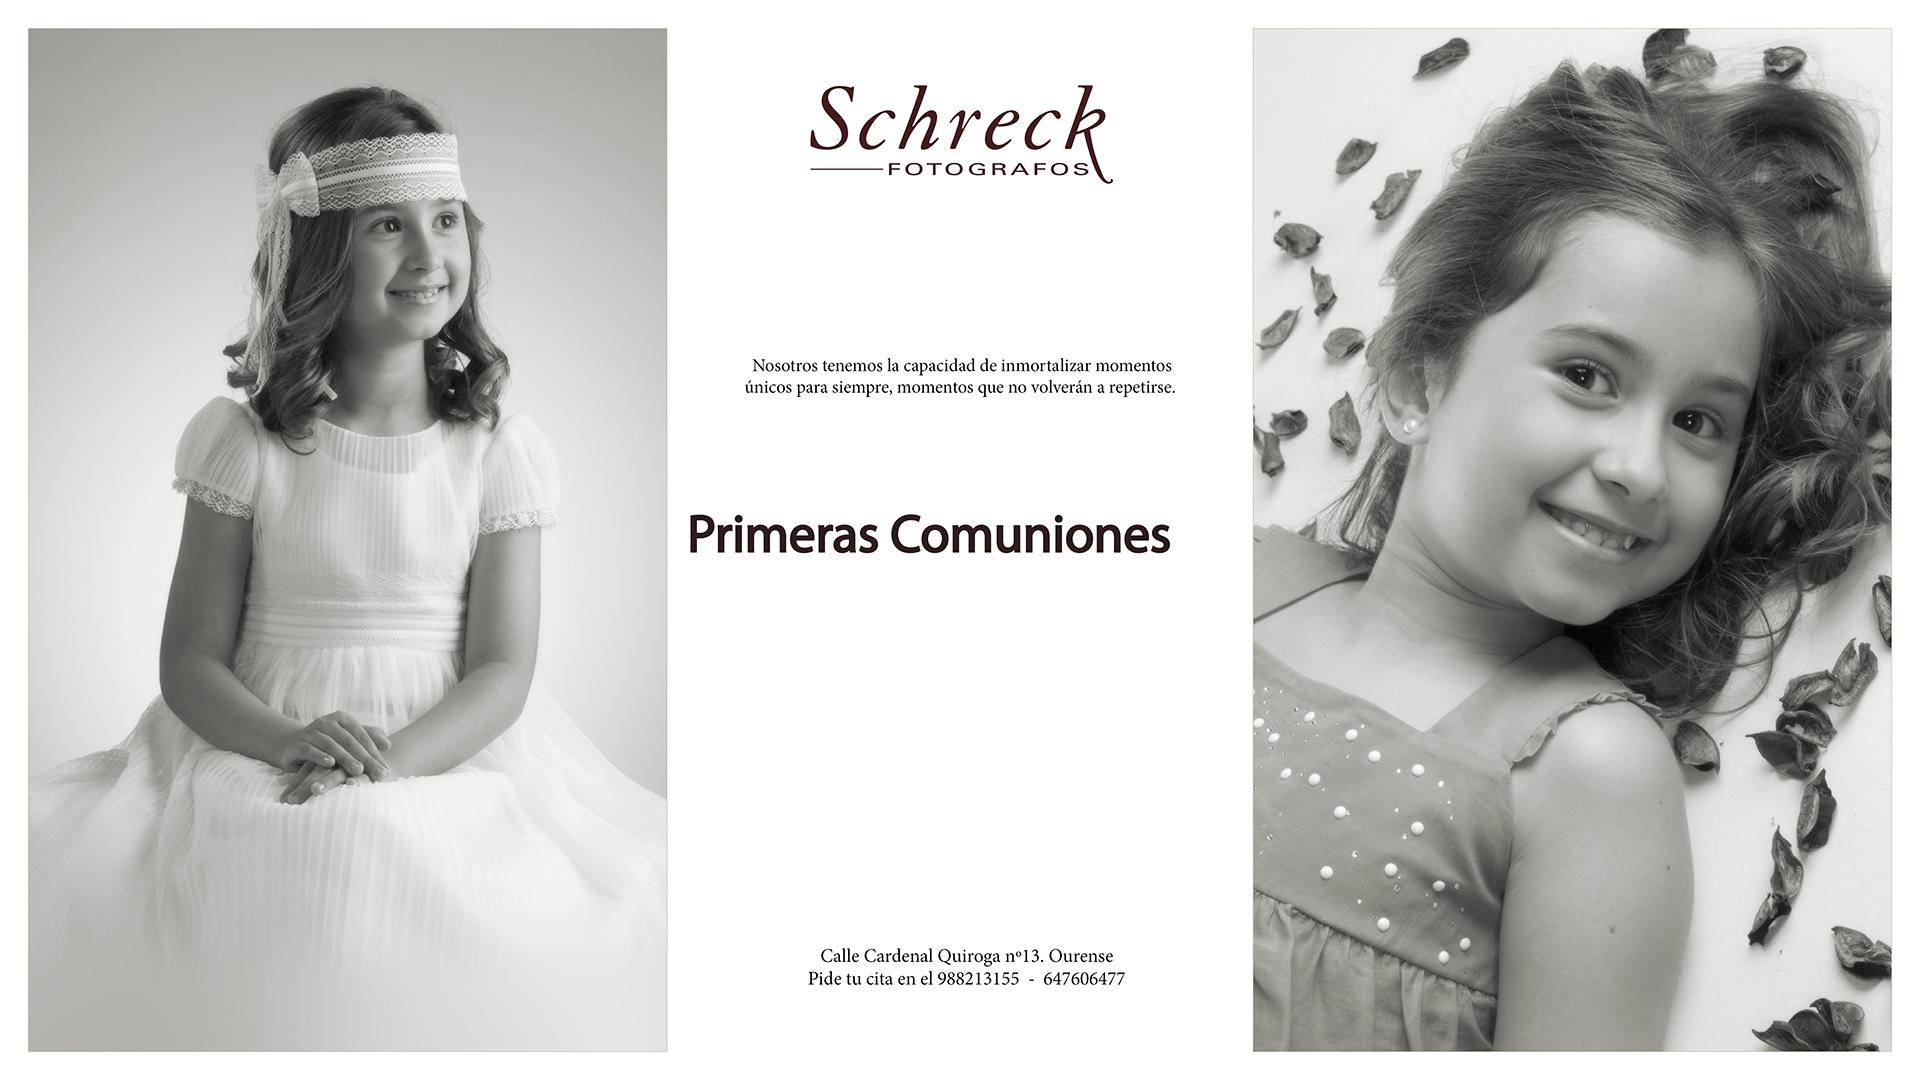 Comunion_Schreck_Ourense 25